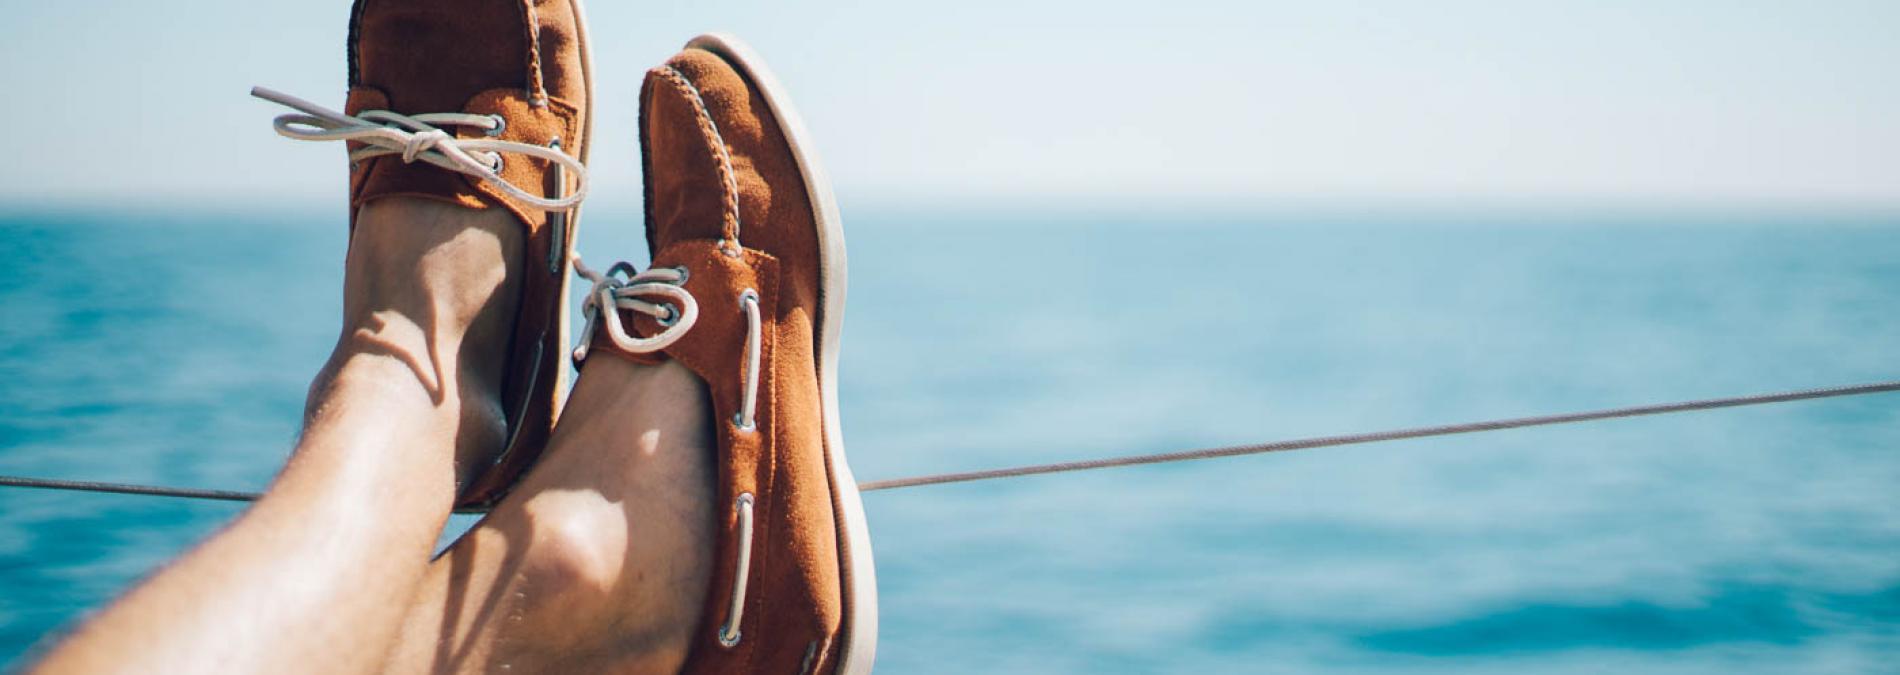 Vendre son bateau : 7 conseils à suivre pour bien vendre